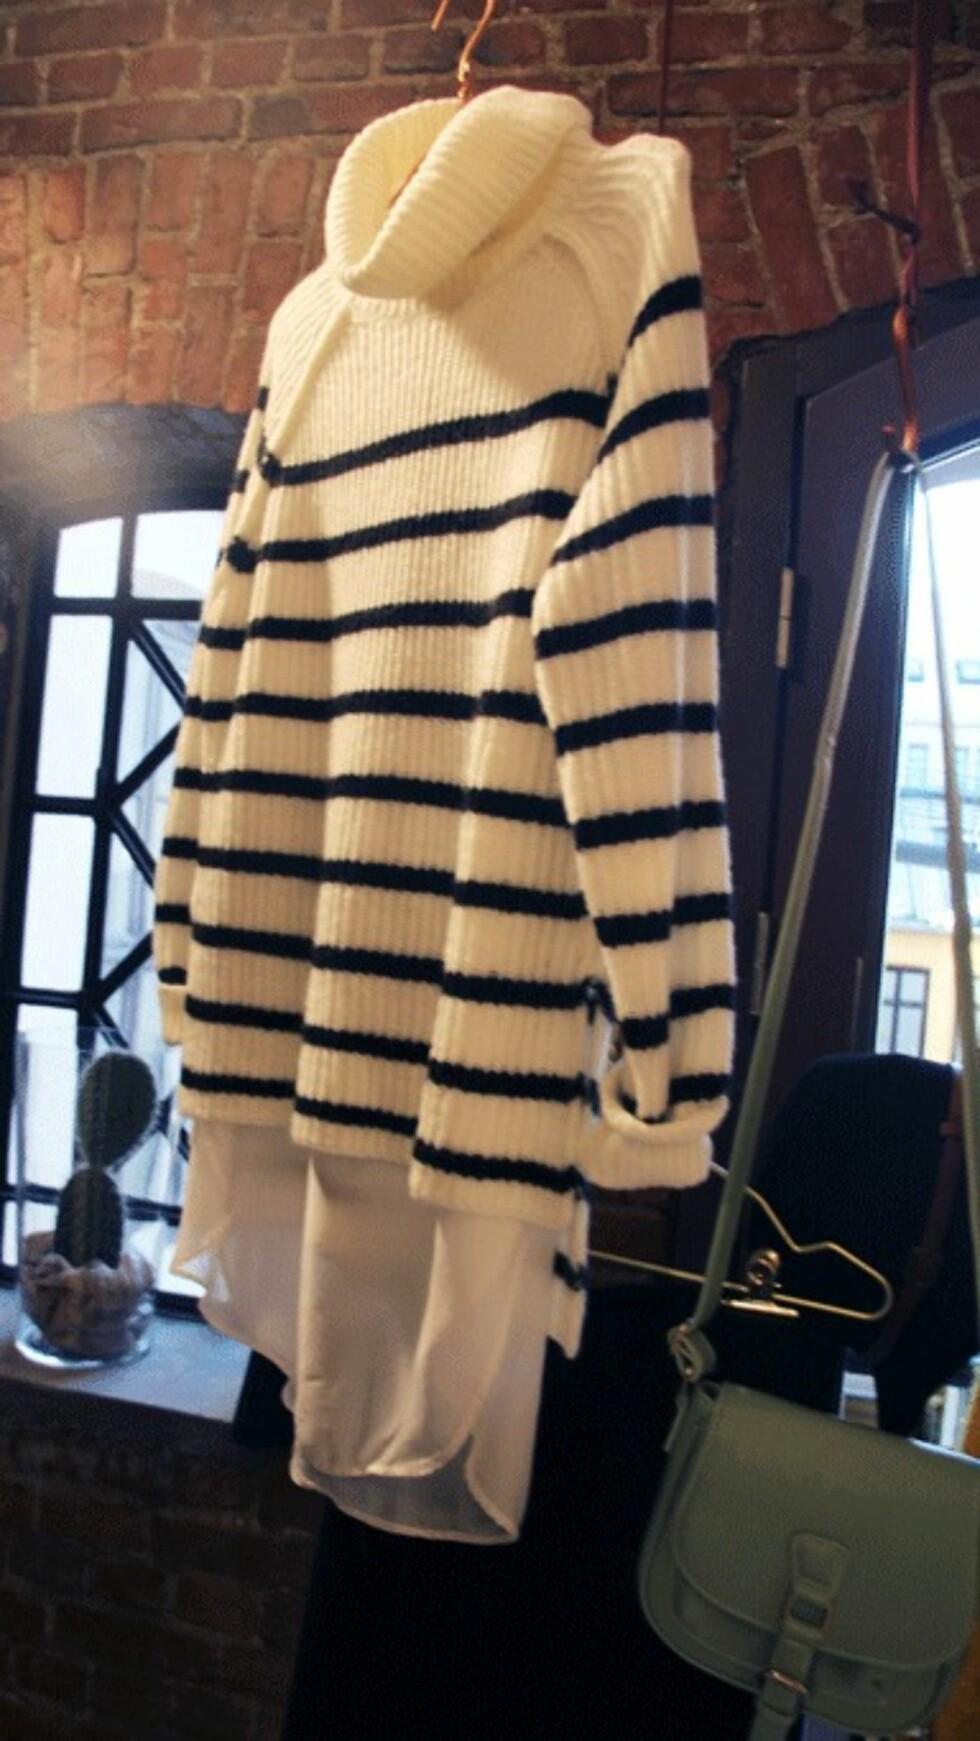 LAG-PÅ-LAG: Style antrekkene lag på lag med lange skjorter eller skjørt under genser og over slengbukser eller skjørt.  Foto: Stella Vaage